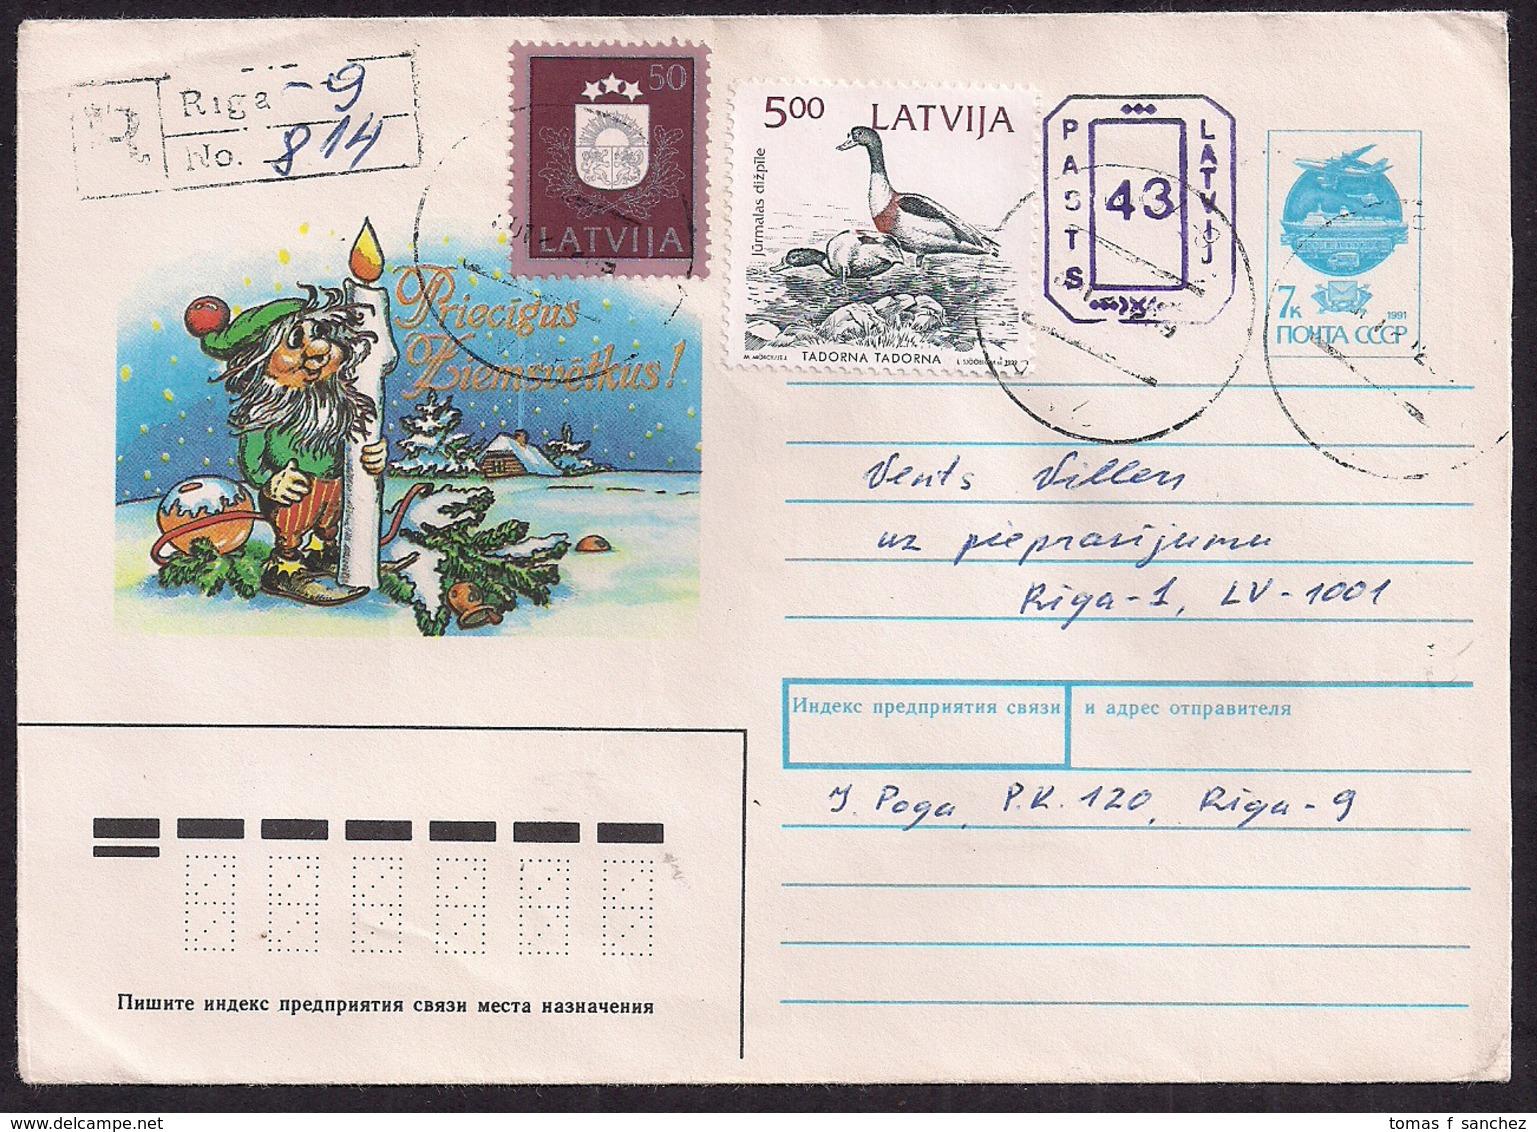 Estonie - 1992 - Poste Aérienne - Aerogramme Russe Avec Timbres Estoniens - Estonie